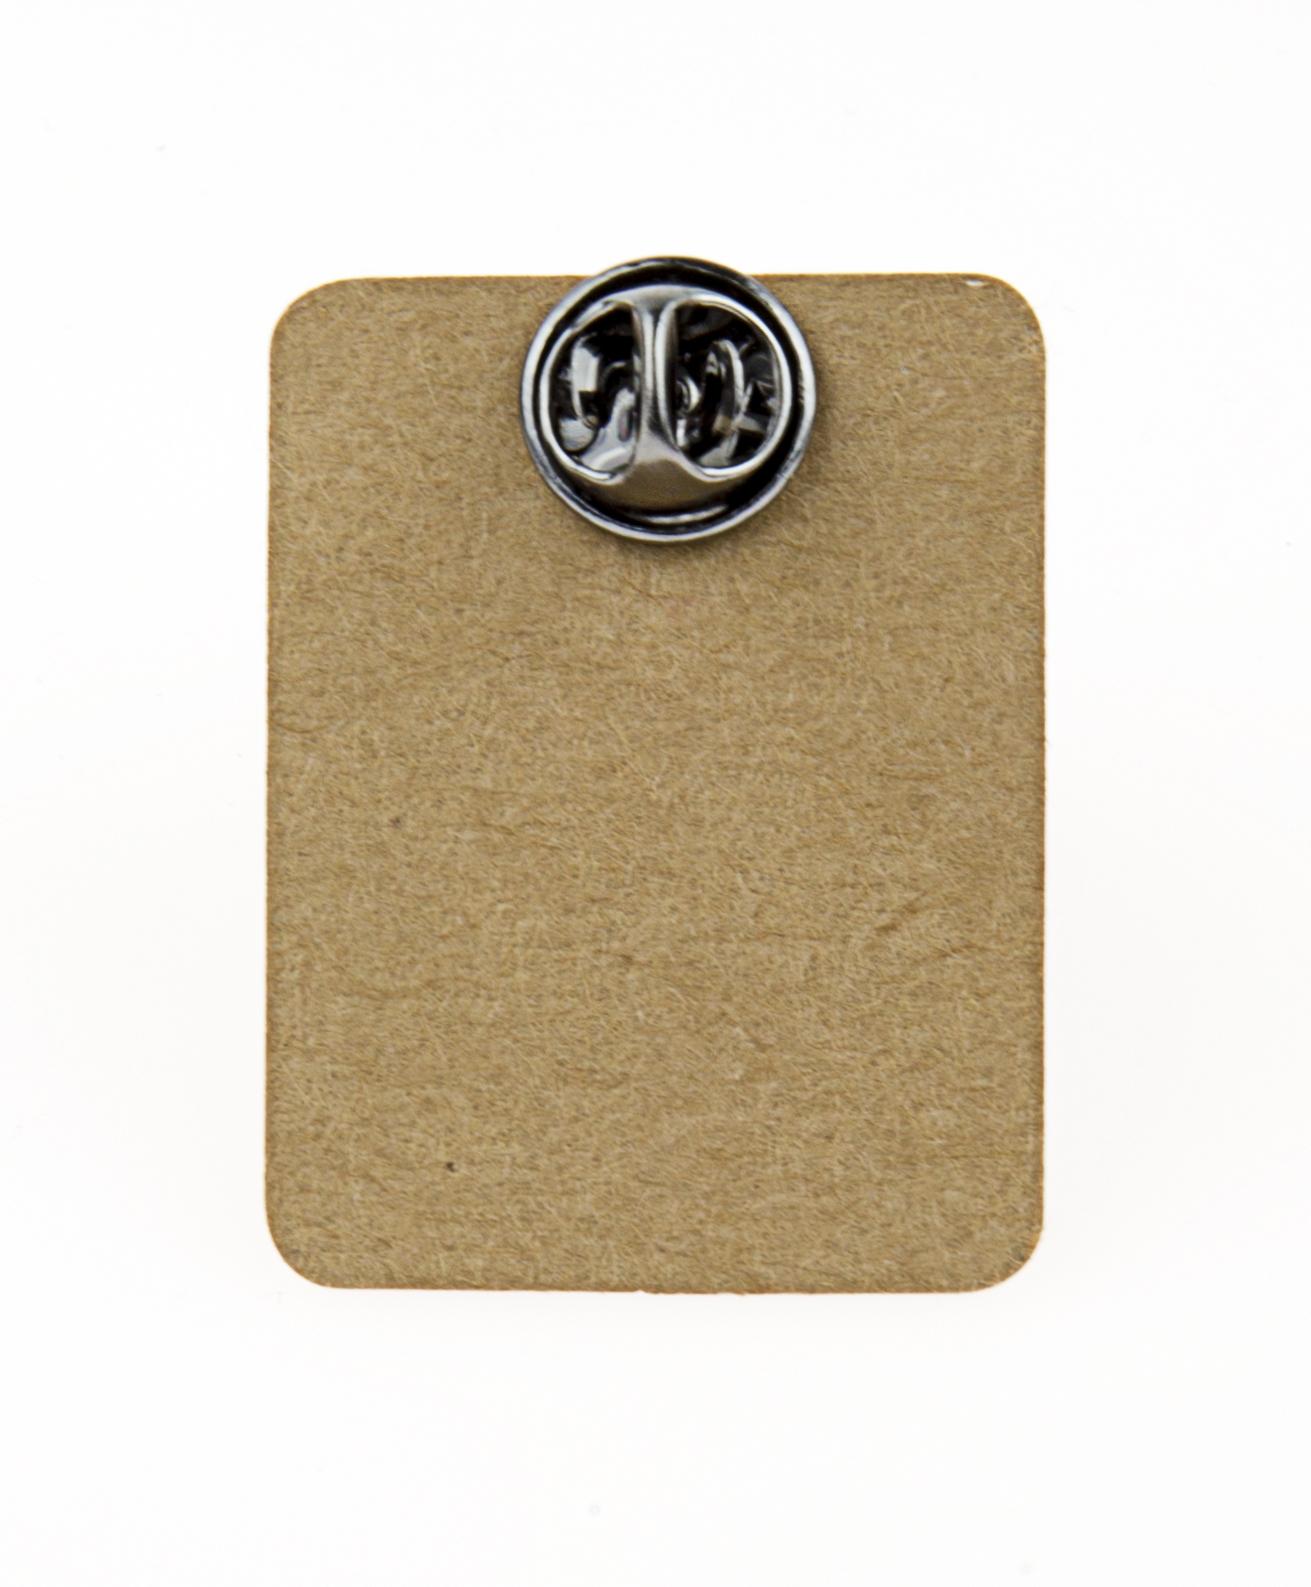 Metal Finger Cross Enamel Pin Badge